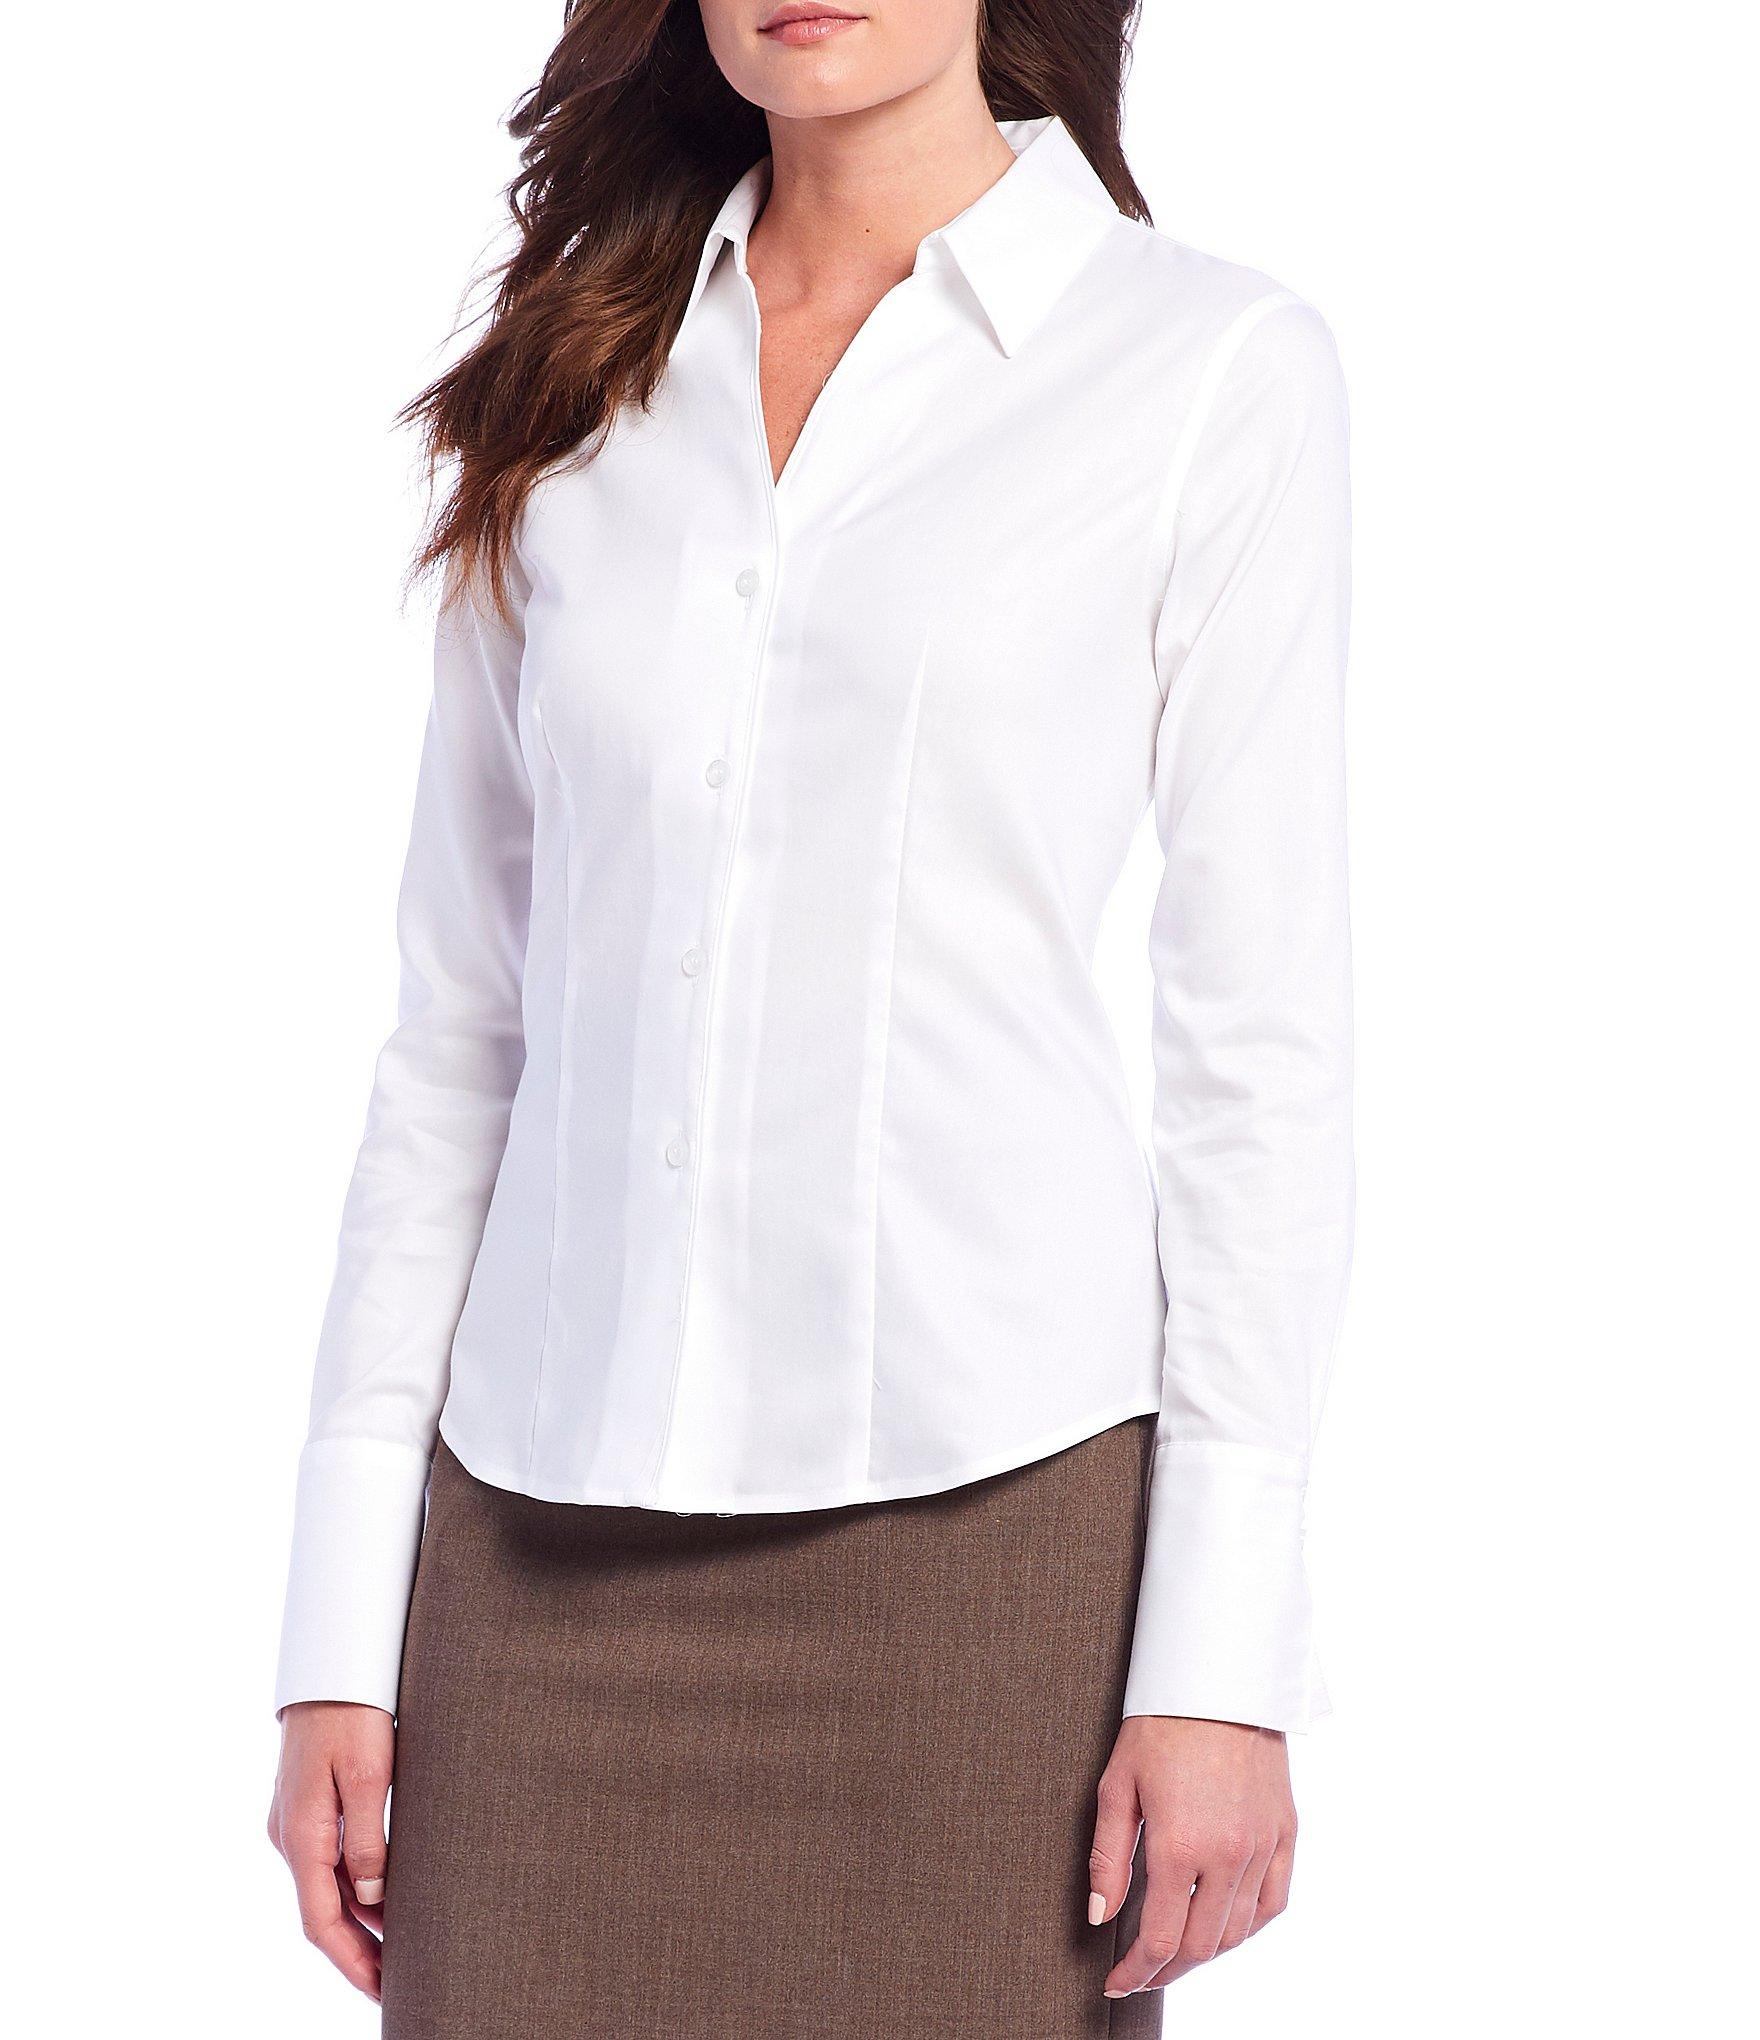 0ed2e85fd1d White Women's Casual   Dressy Tops   Blouses